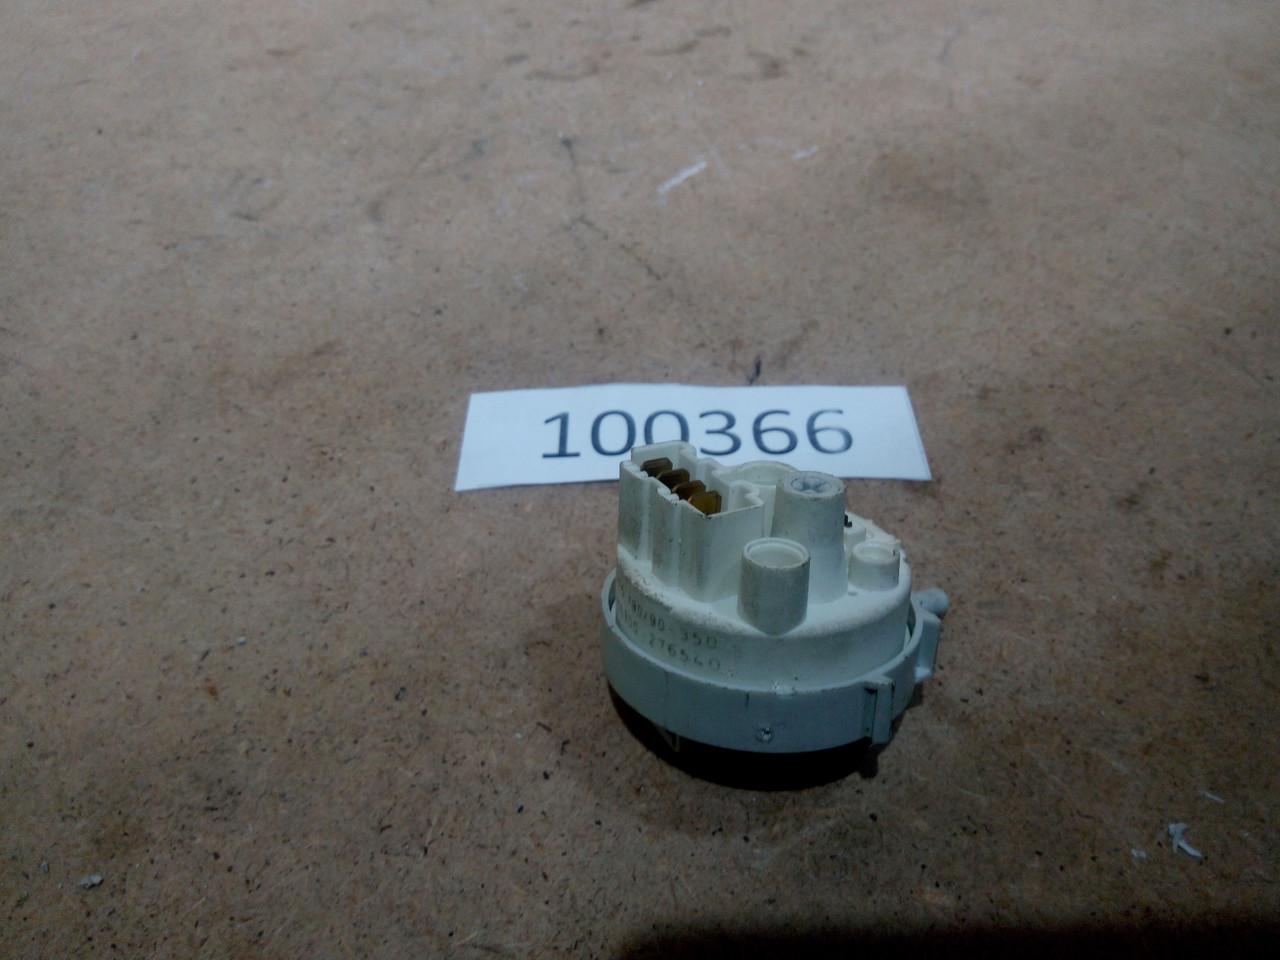 Датчик уровня воды, прессостат   Indesit WT52 16001386300  Б/У